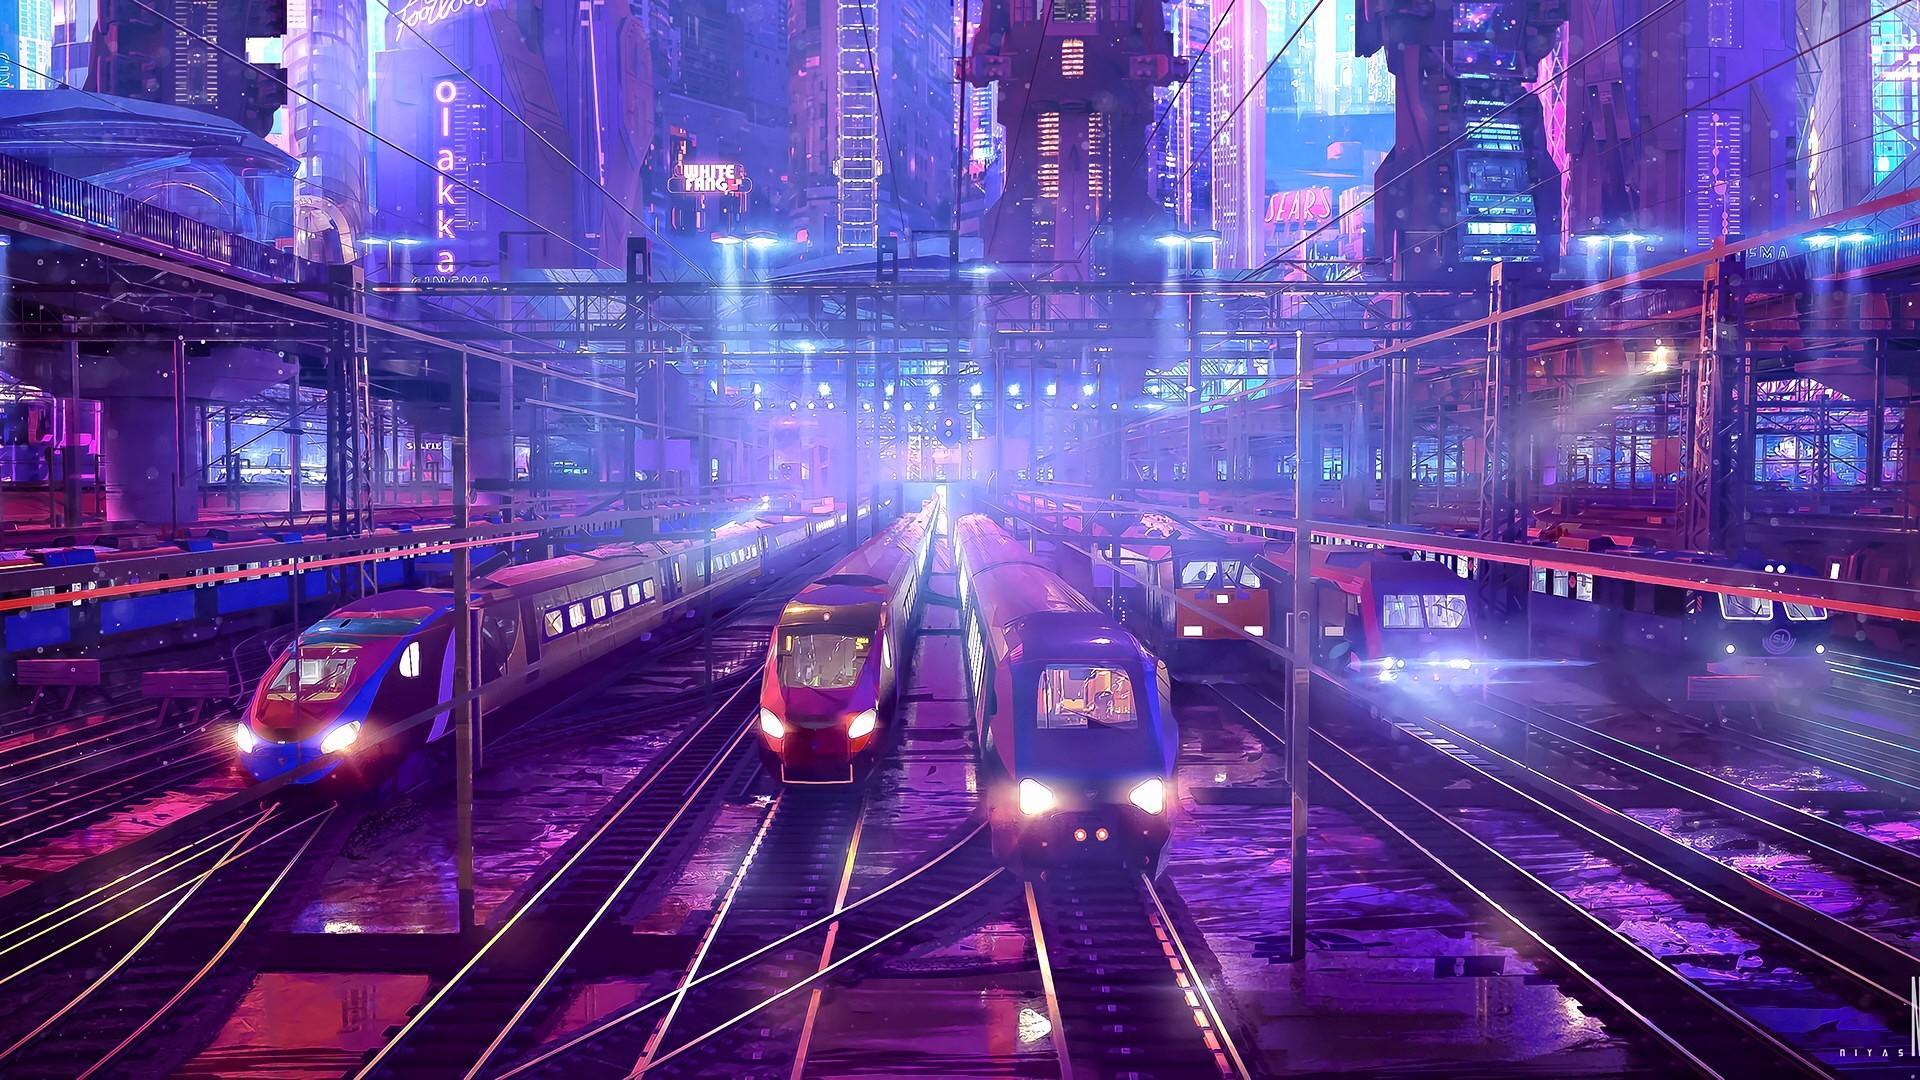 Fantasy train station wallpaper